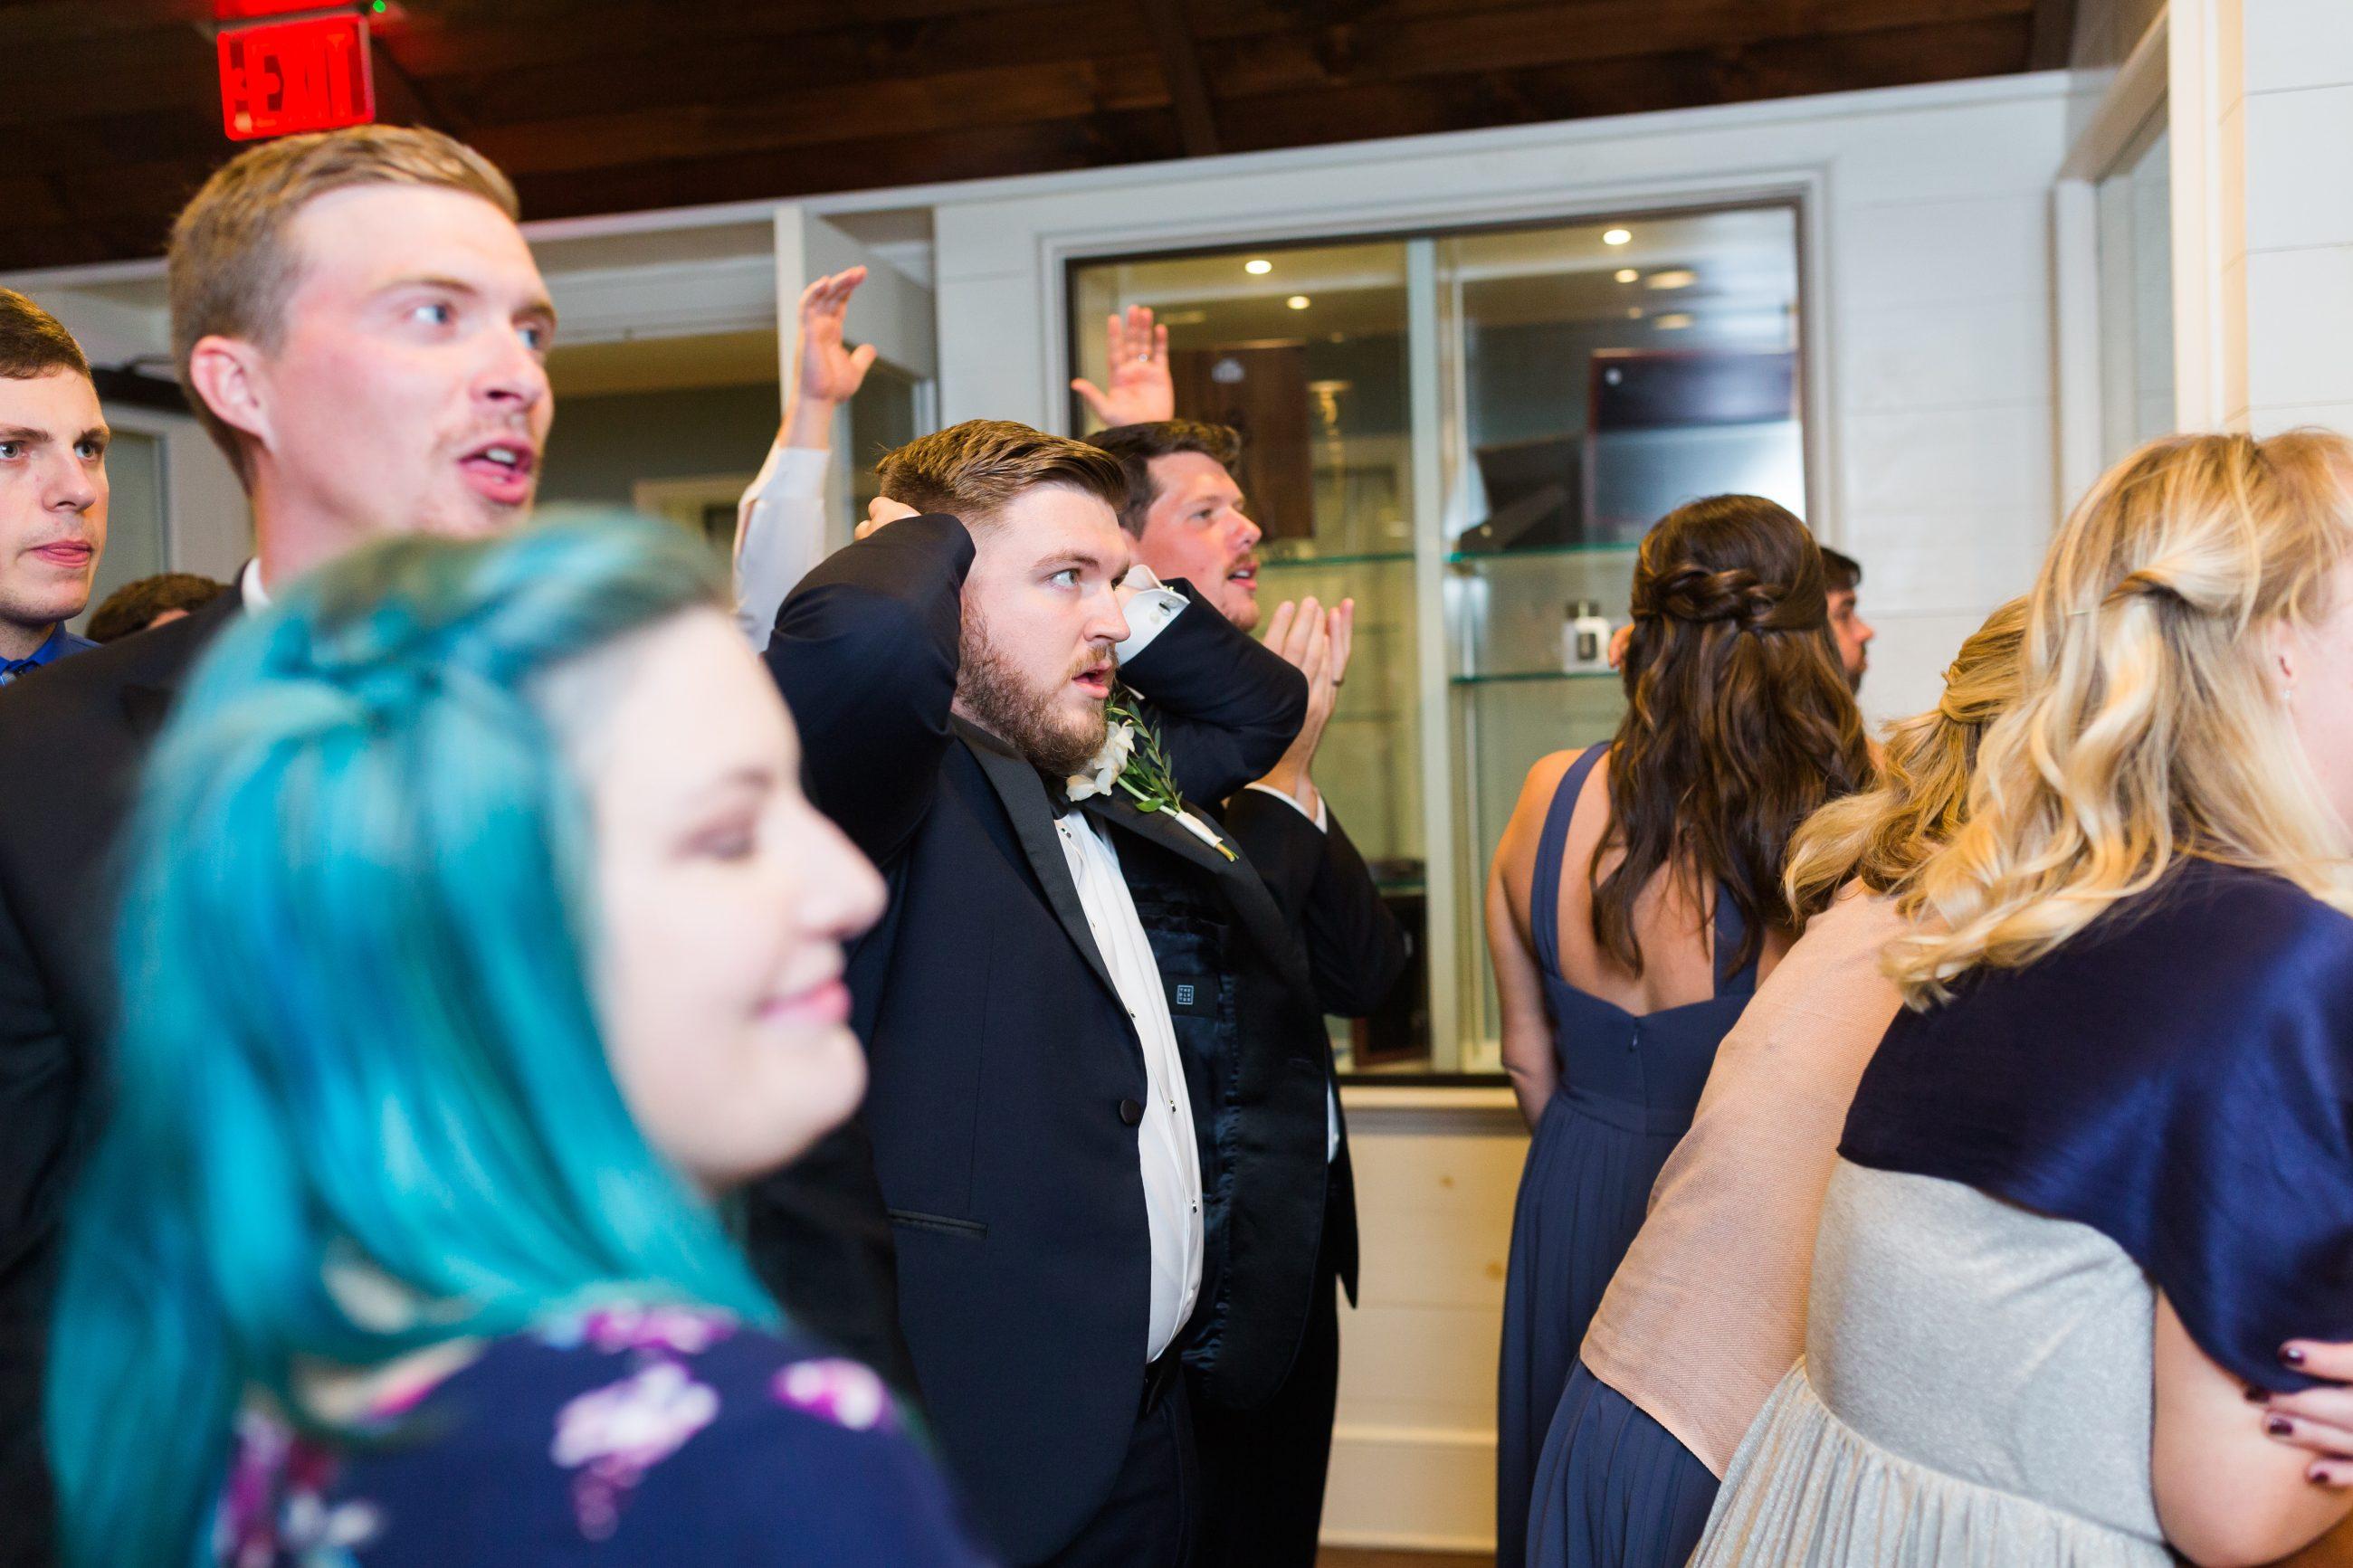 Wedding reception at Peninsula Yacht Club